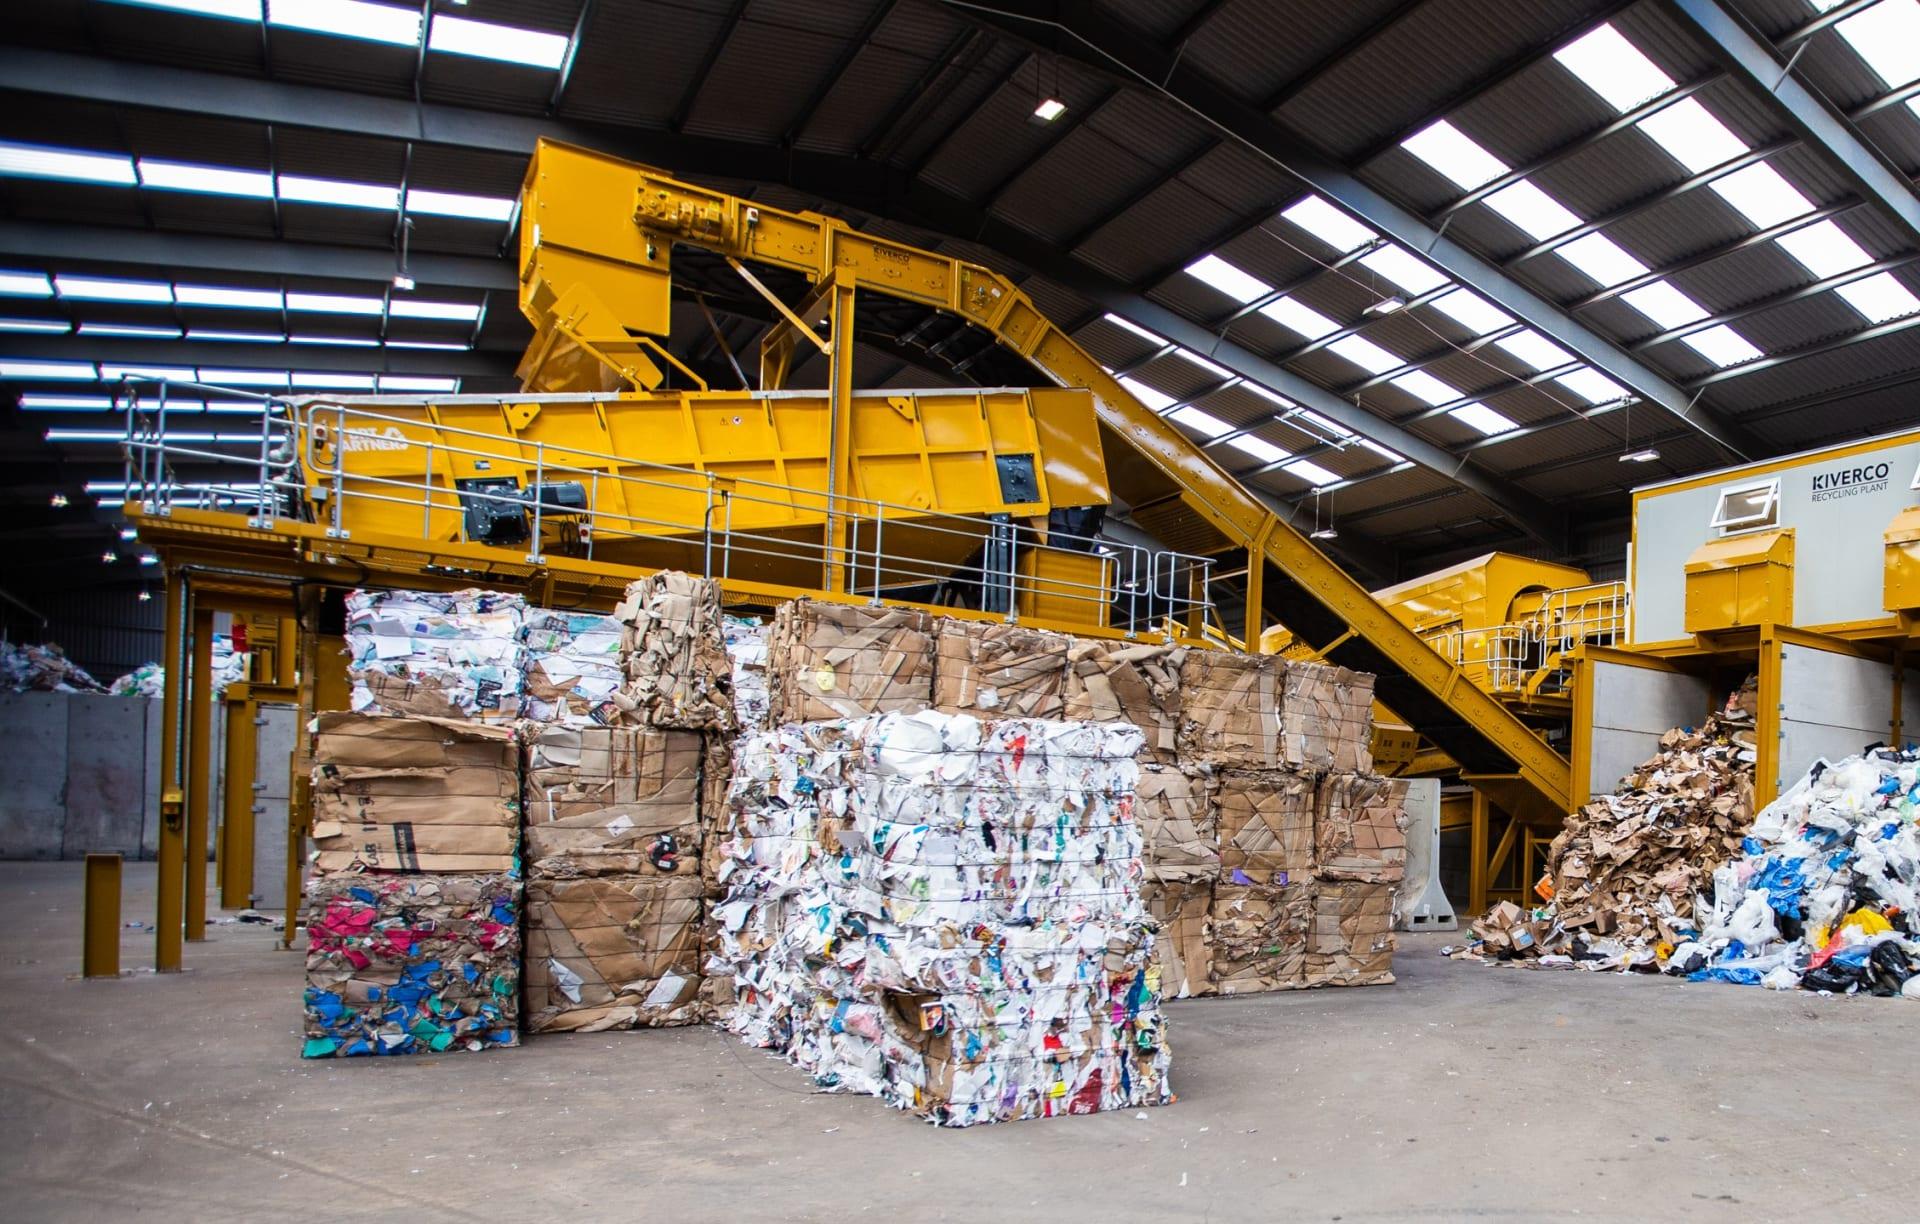 مع زيادة إنتاج النفايات.. هل تشكل تحويل النفايات الطريق لمستقبل أكثر استدامة في الخليج؟